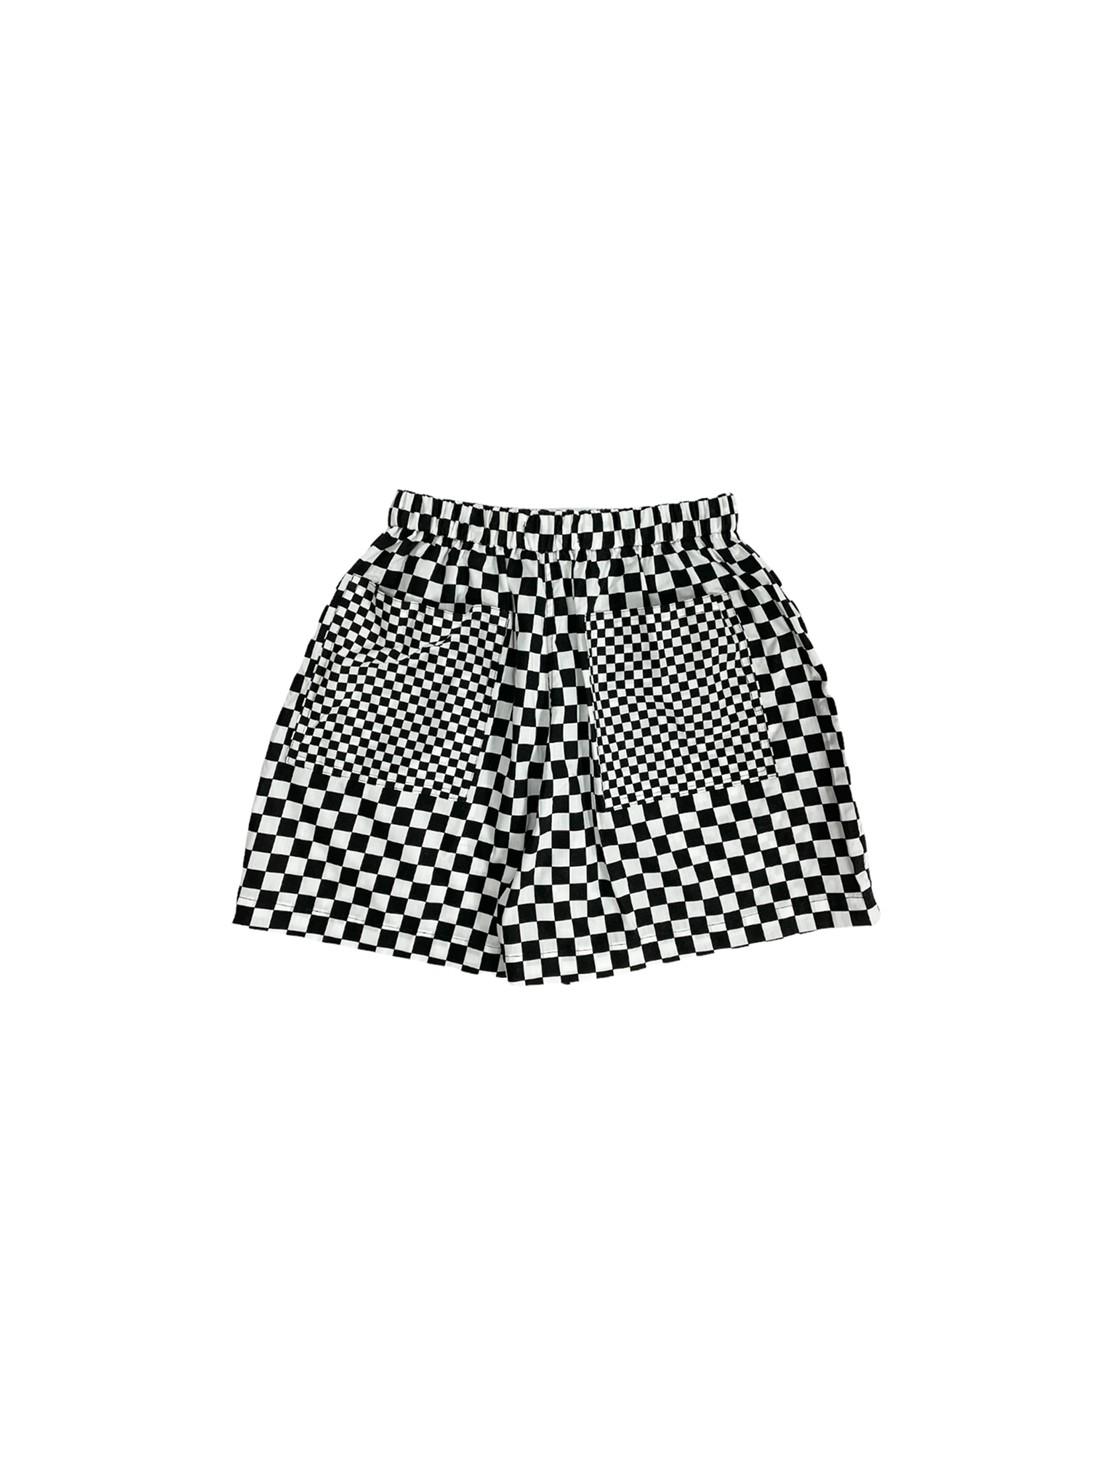 Composer Checkered Shorts